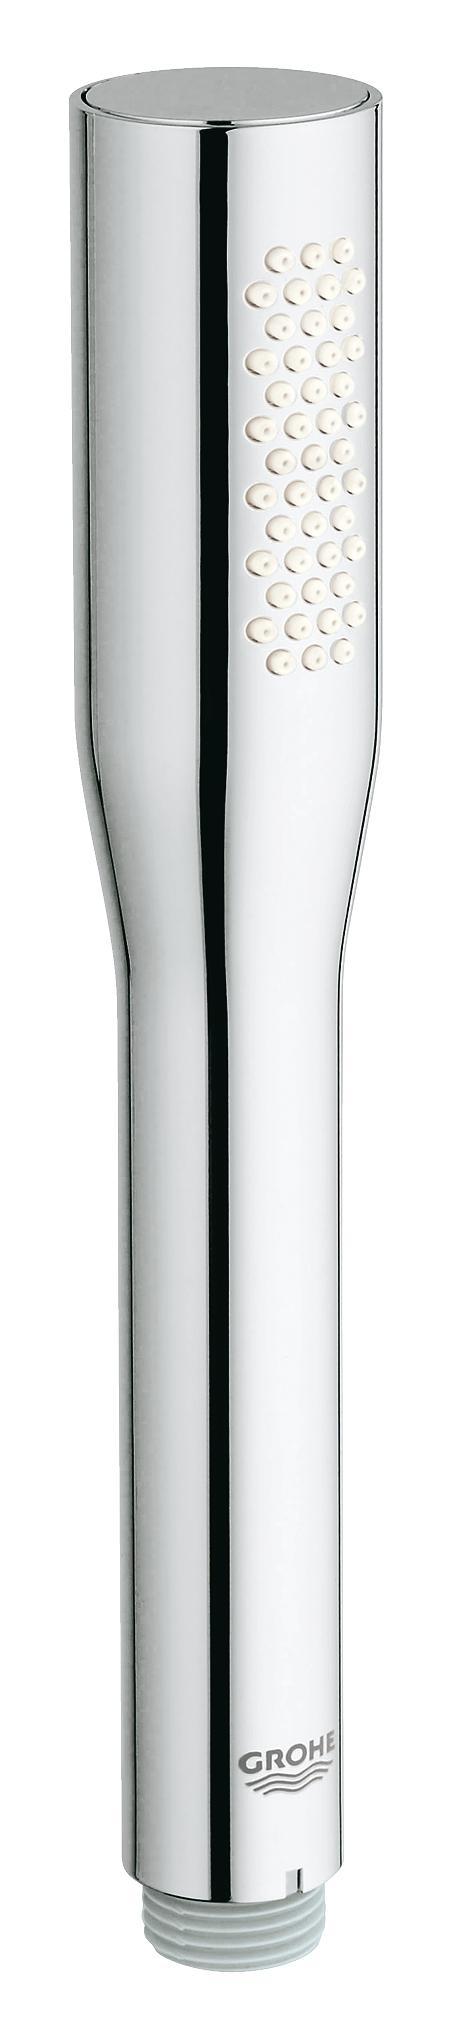 Душ ручной Grohe 27367000 ручной душ grohe movario 5 режимов c поворотной головкой душевой лейки хром 28393000